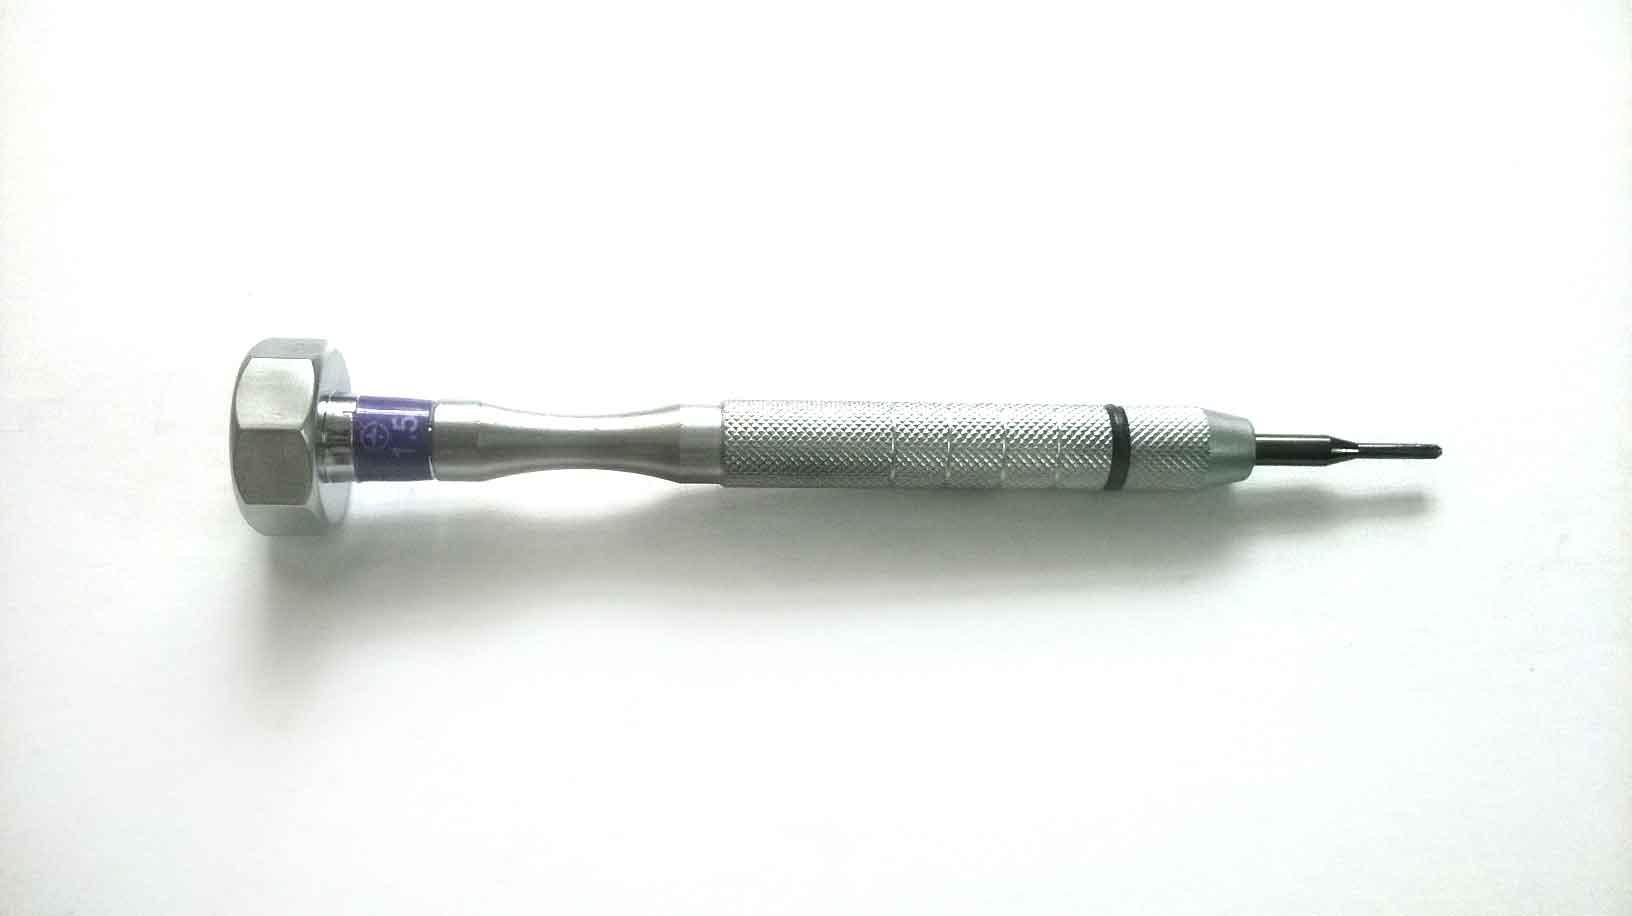 2602020.1 - Reposição_Chave Phillips 1,5mm Mod Vanin FLAG E  -Contém 1 Peça